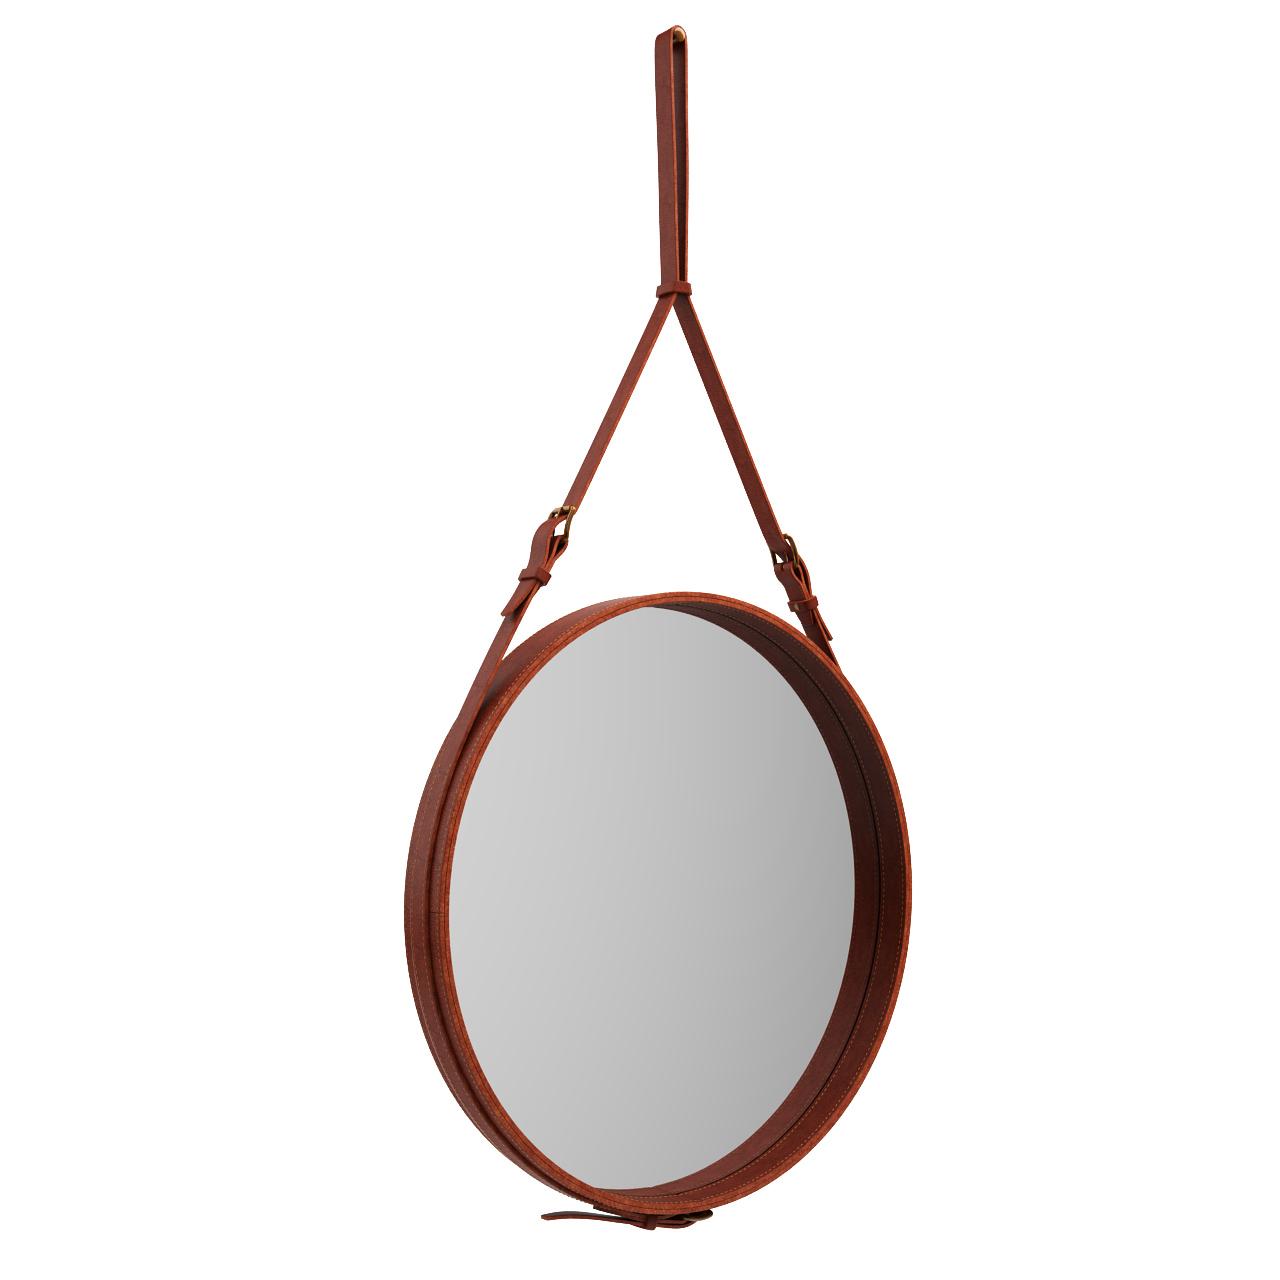 Adnet Mirror By Gubi Dimensiva